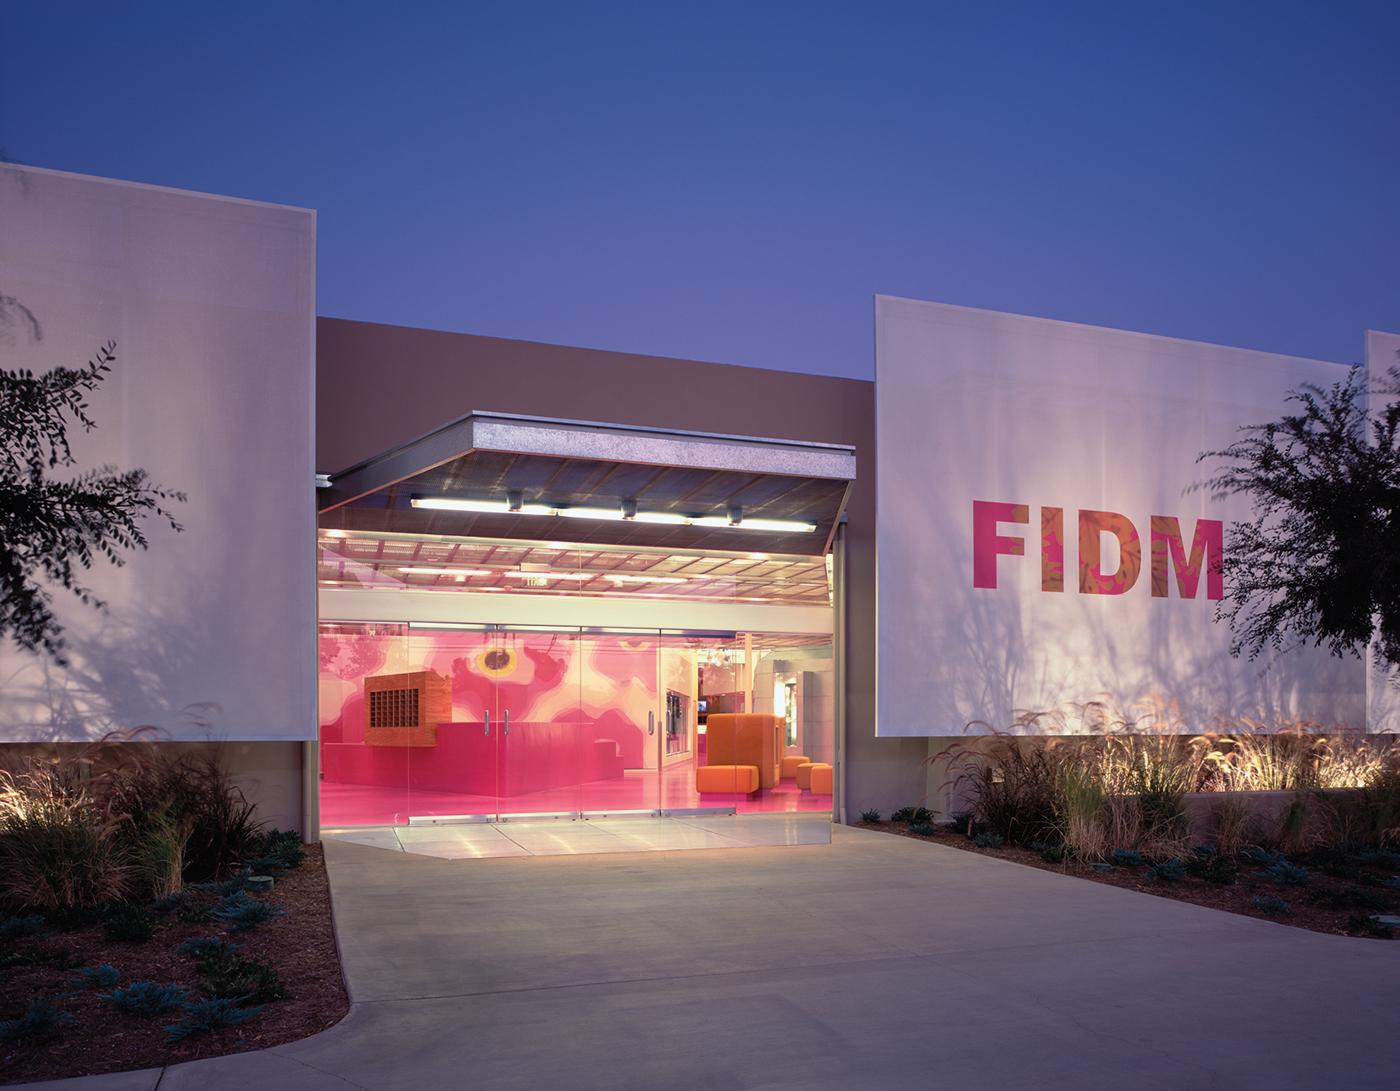 Fidm Oc On Behance